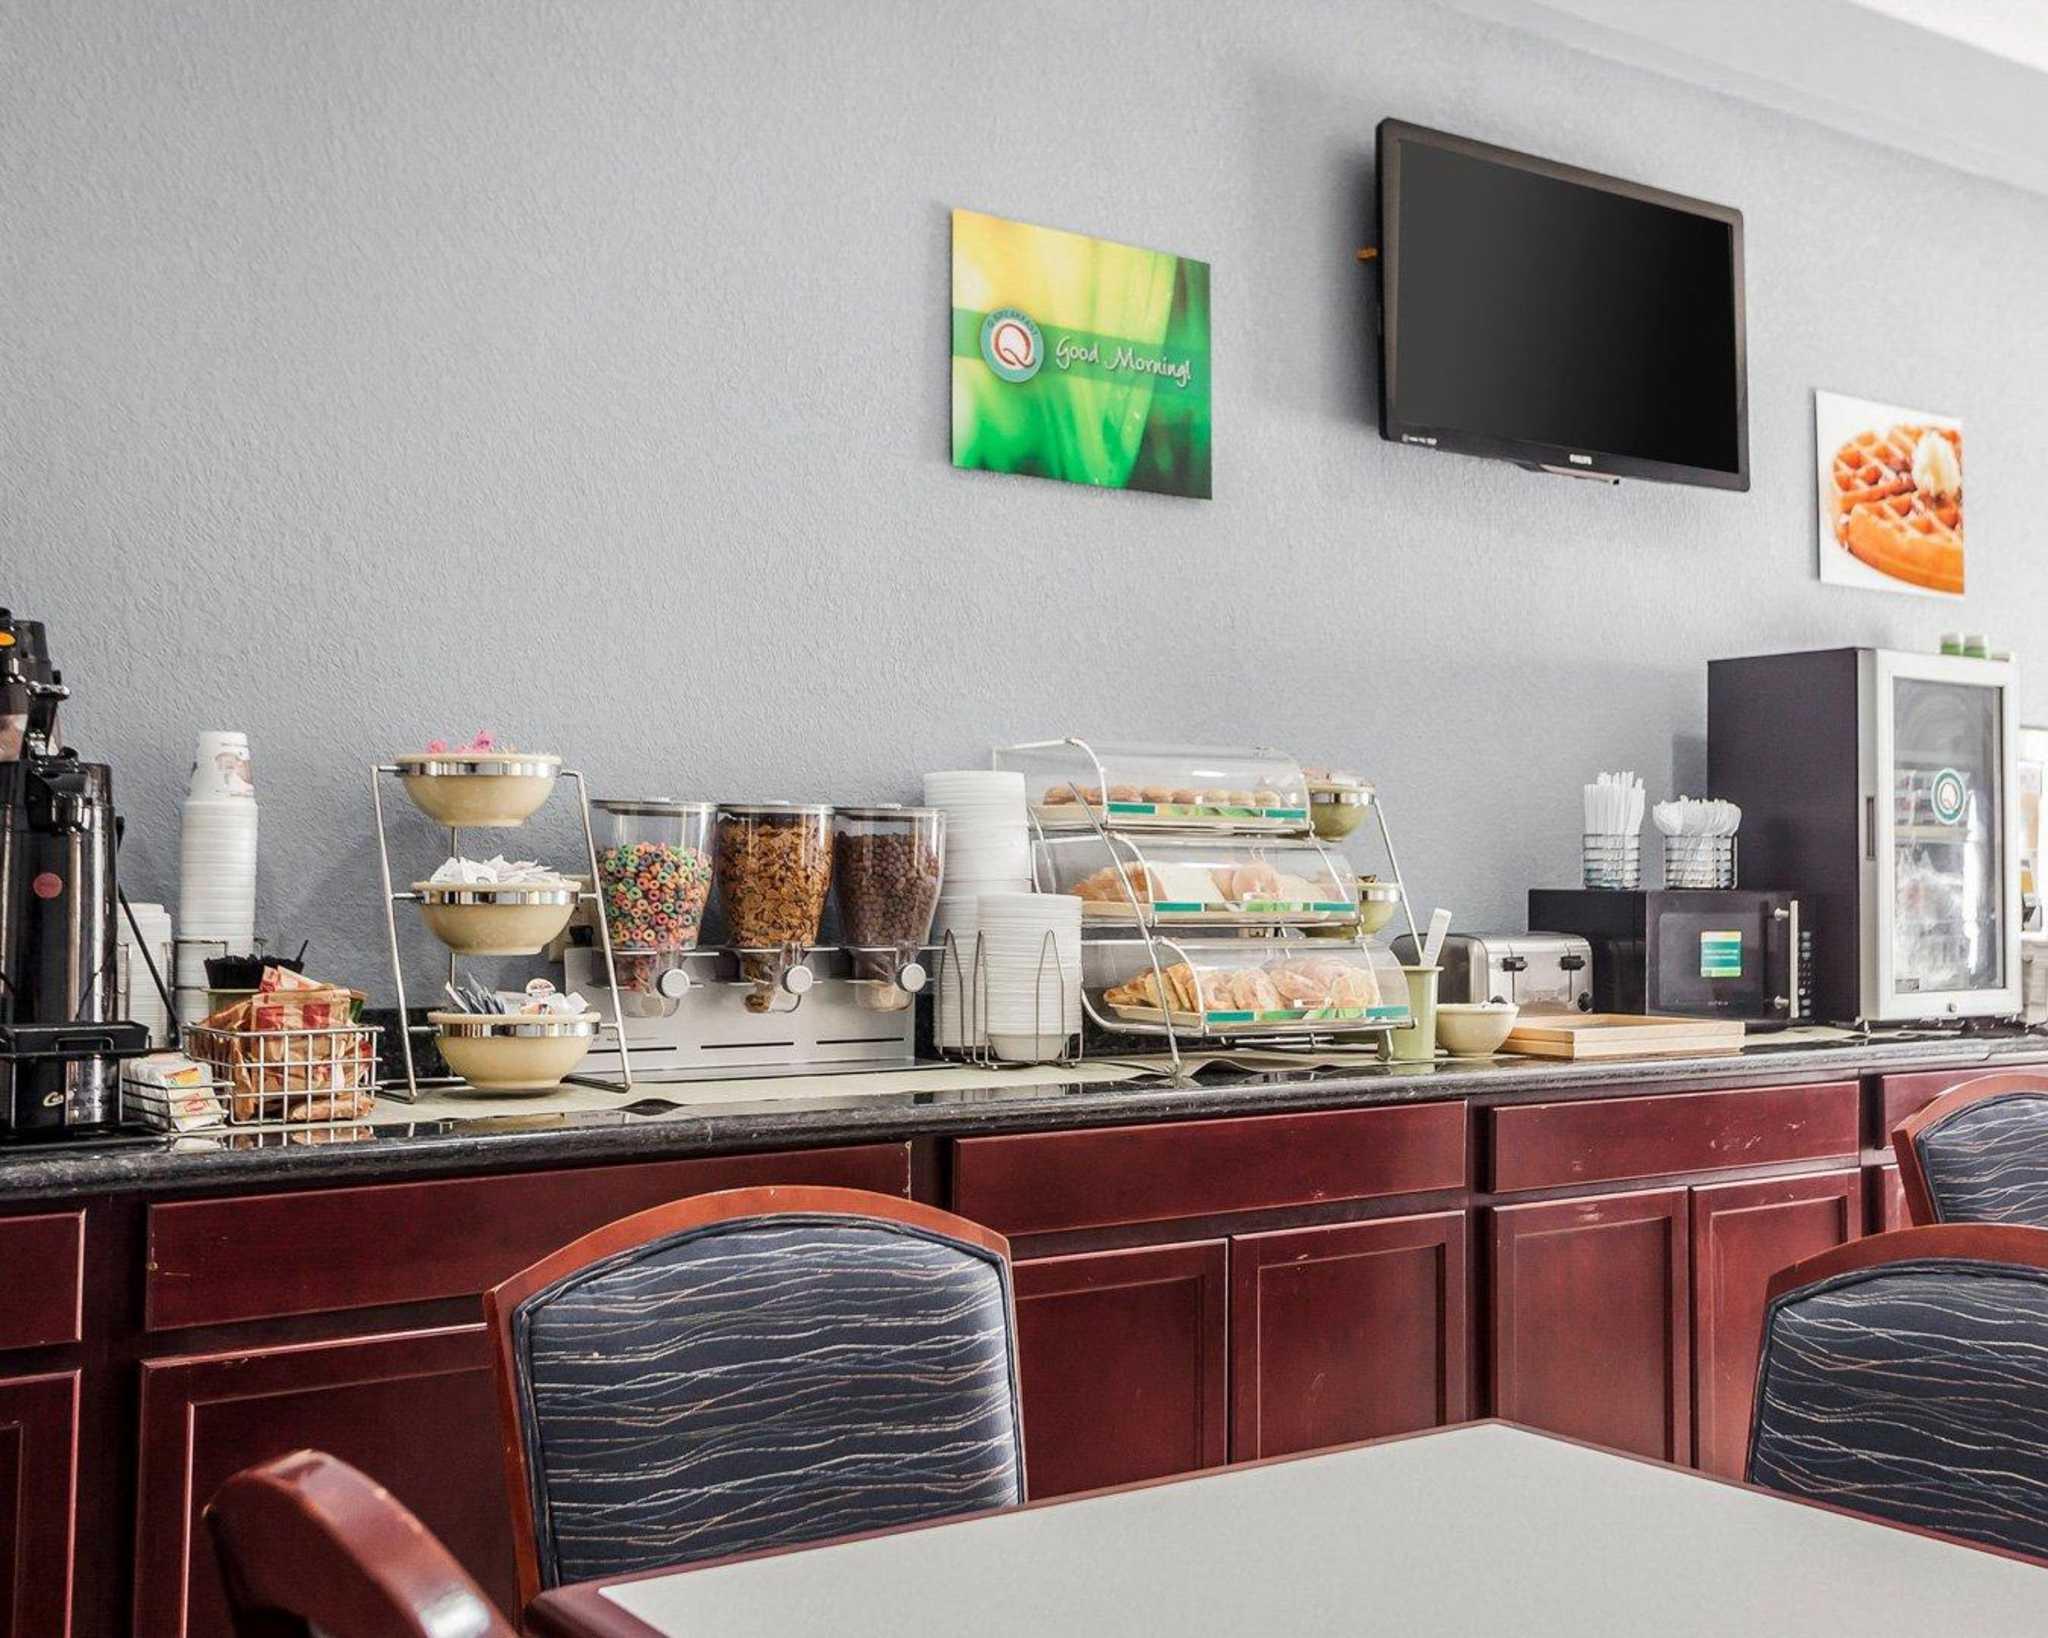 Quality Inn & Suites Altoona - Des Moines image 19